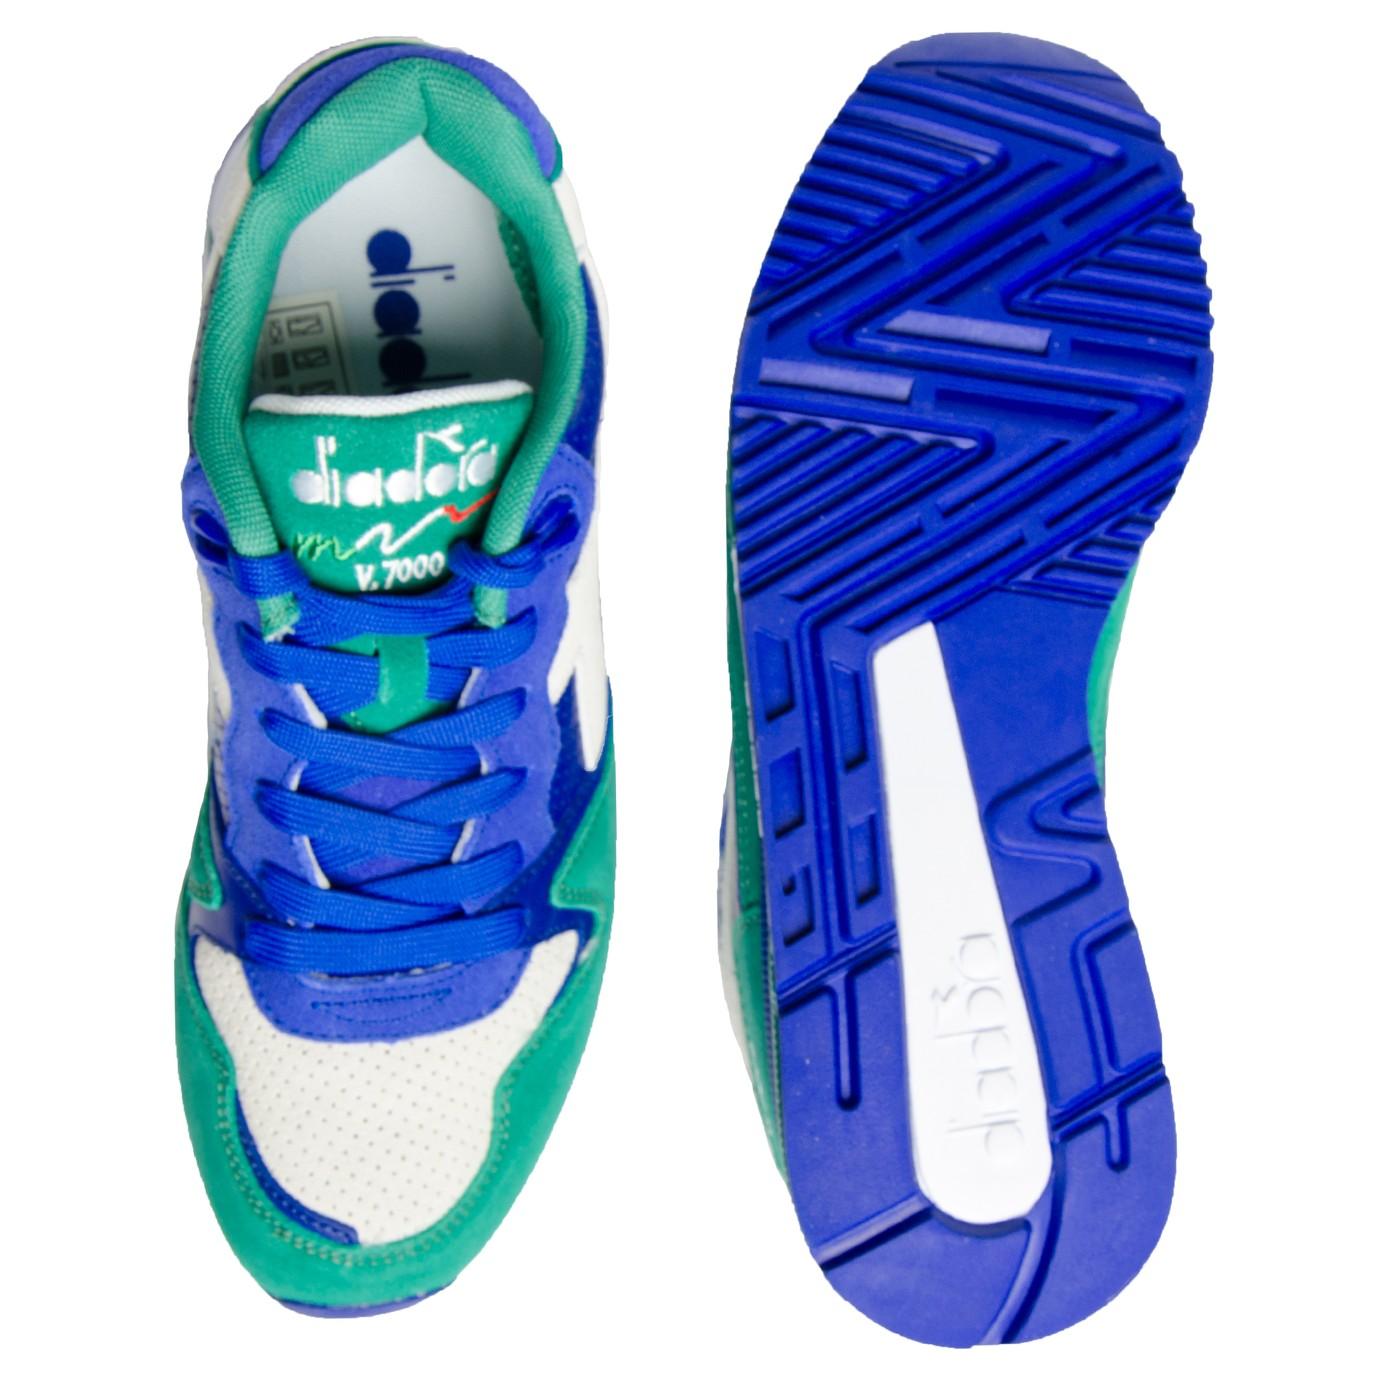 Кросівки чоловічі Diadora V7000 PREMIUM